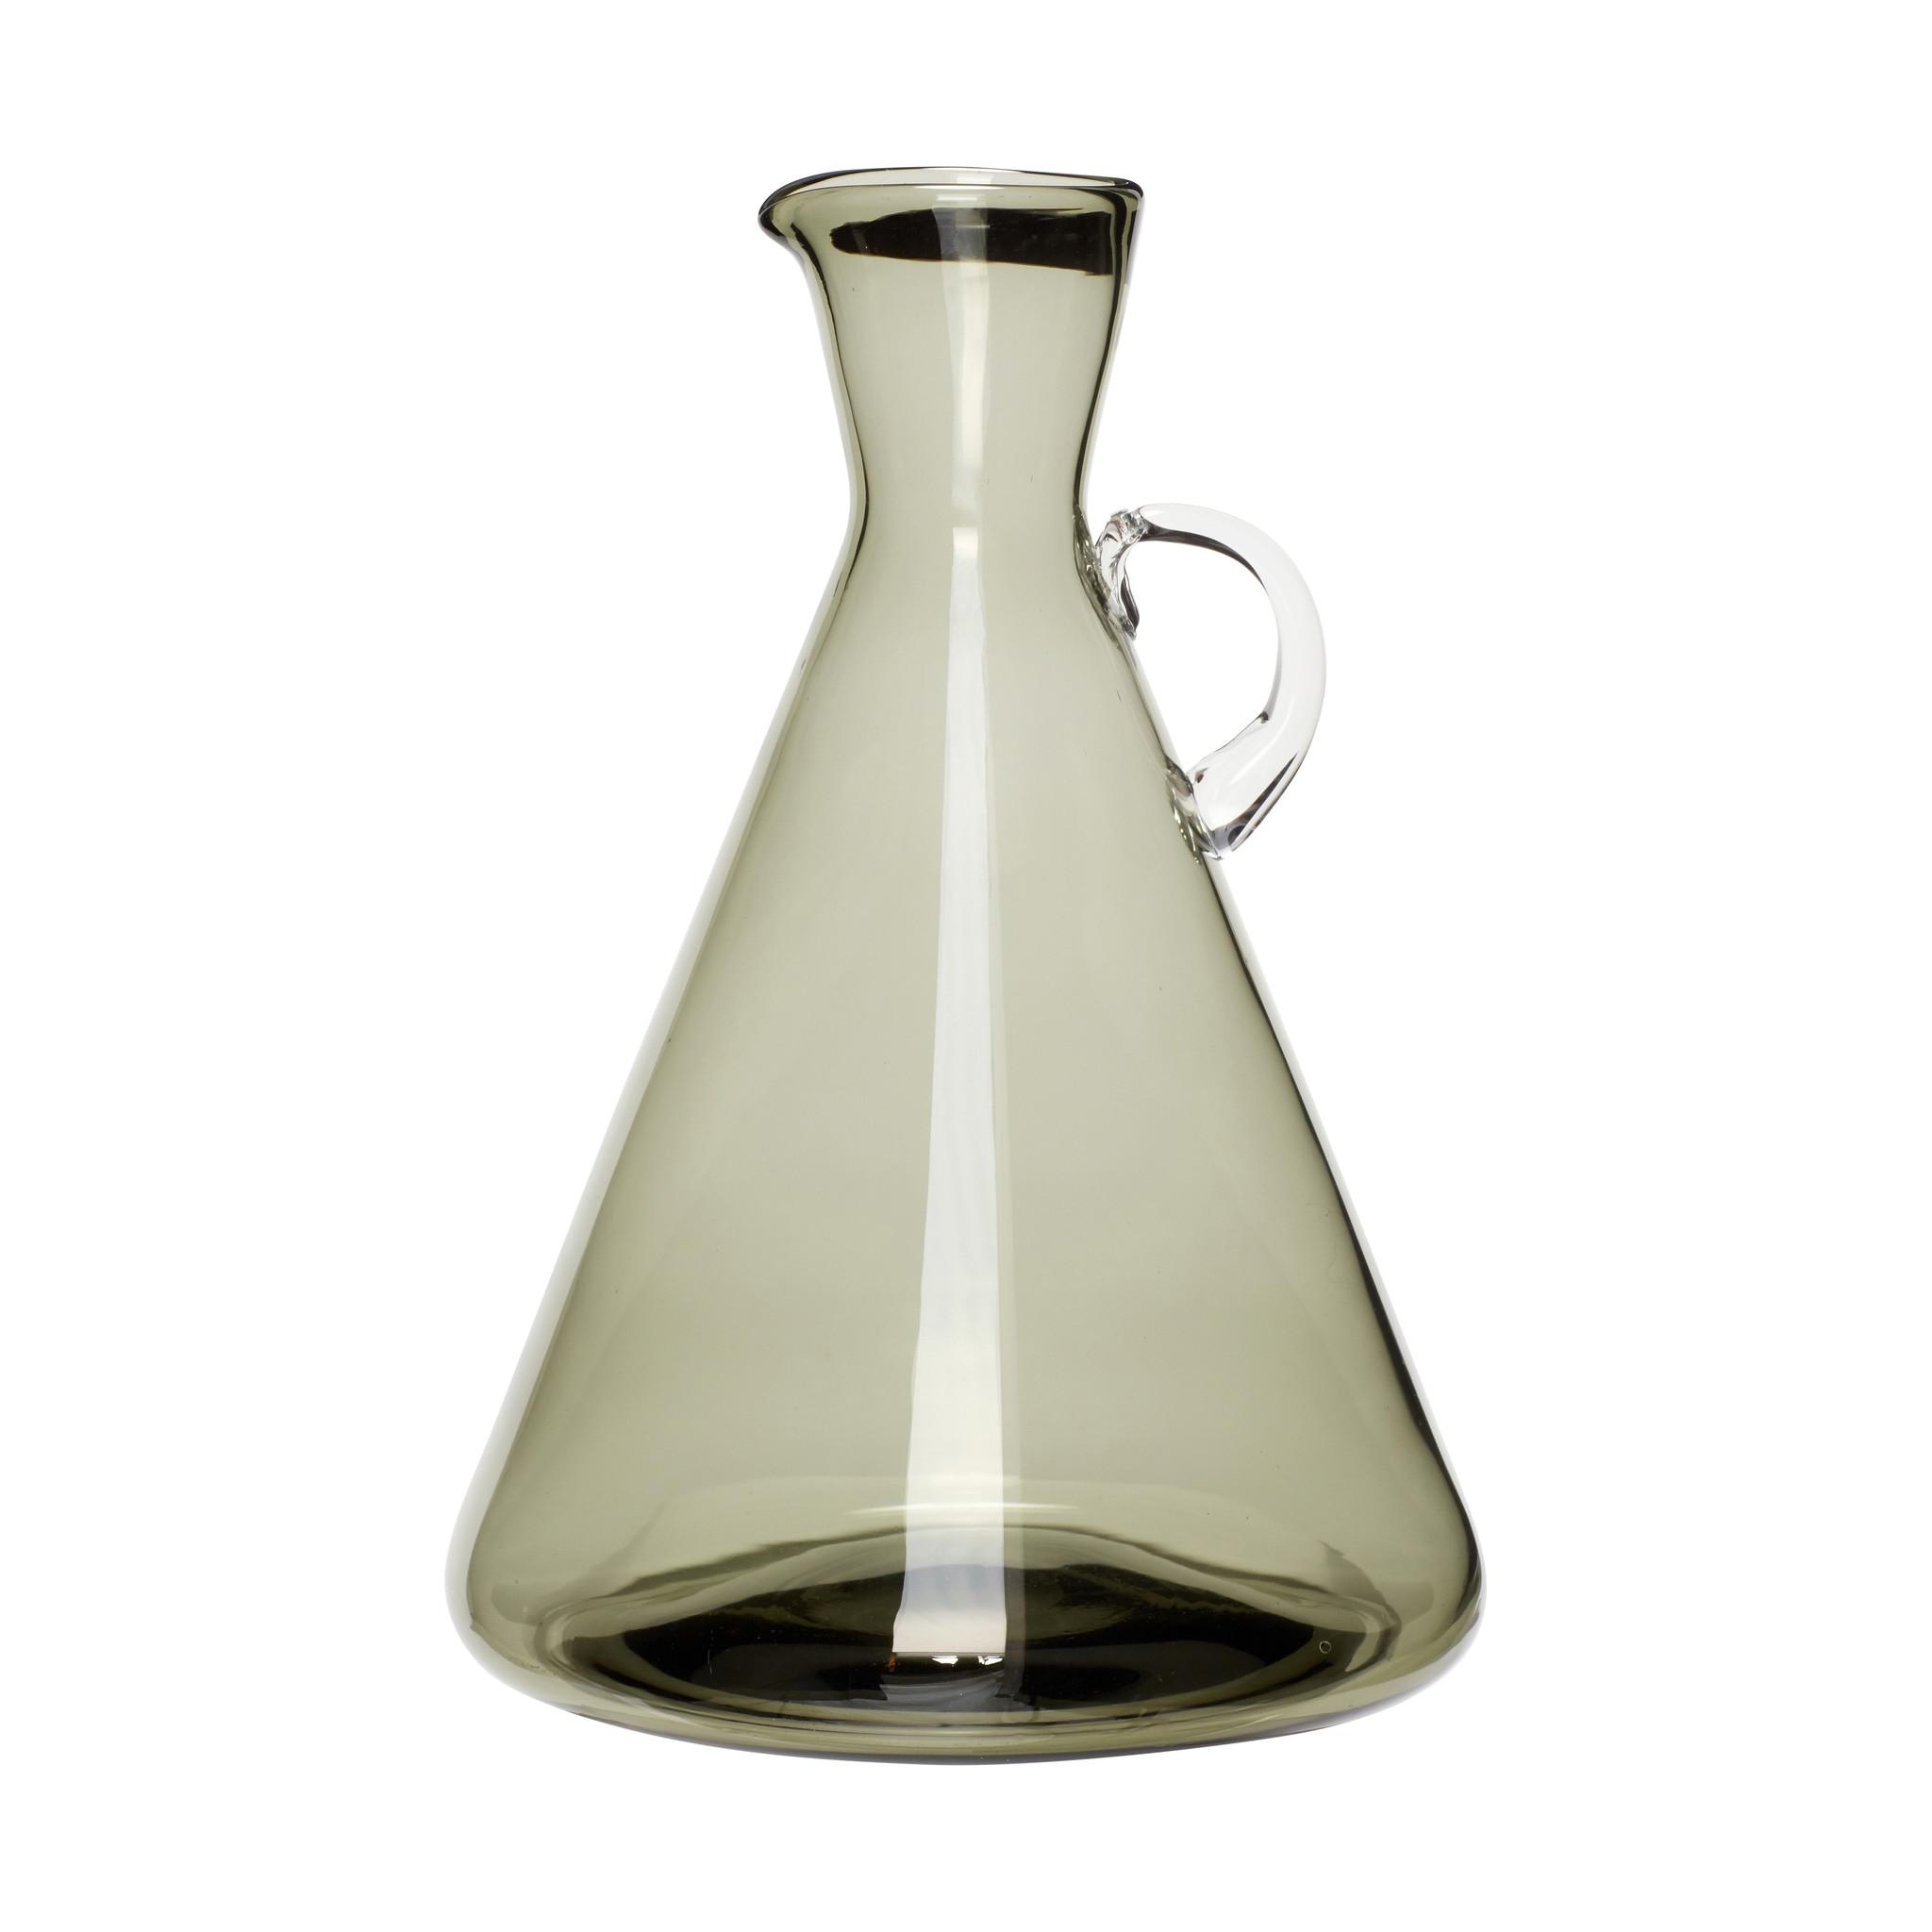 Hubsch Vaas met handvat, glas, groen, groot